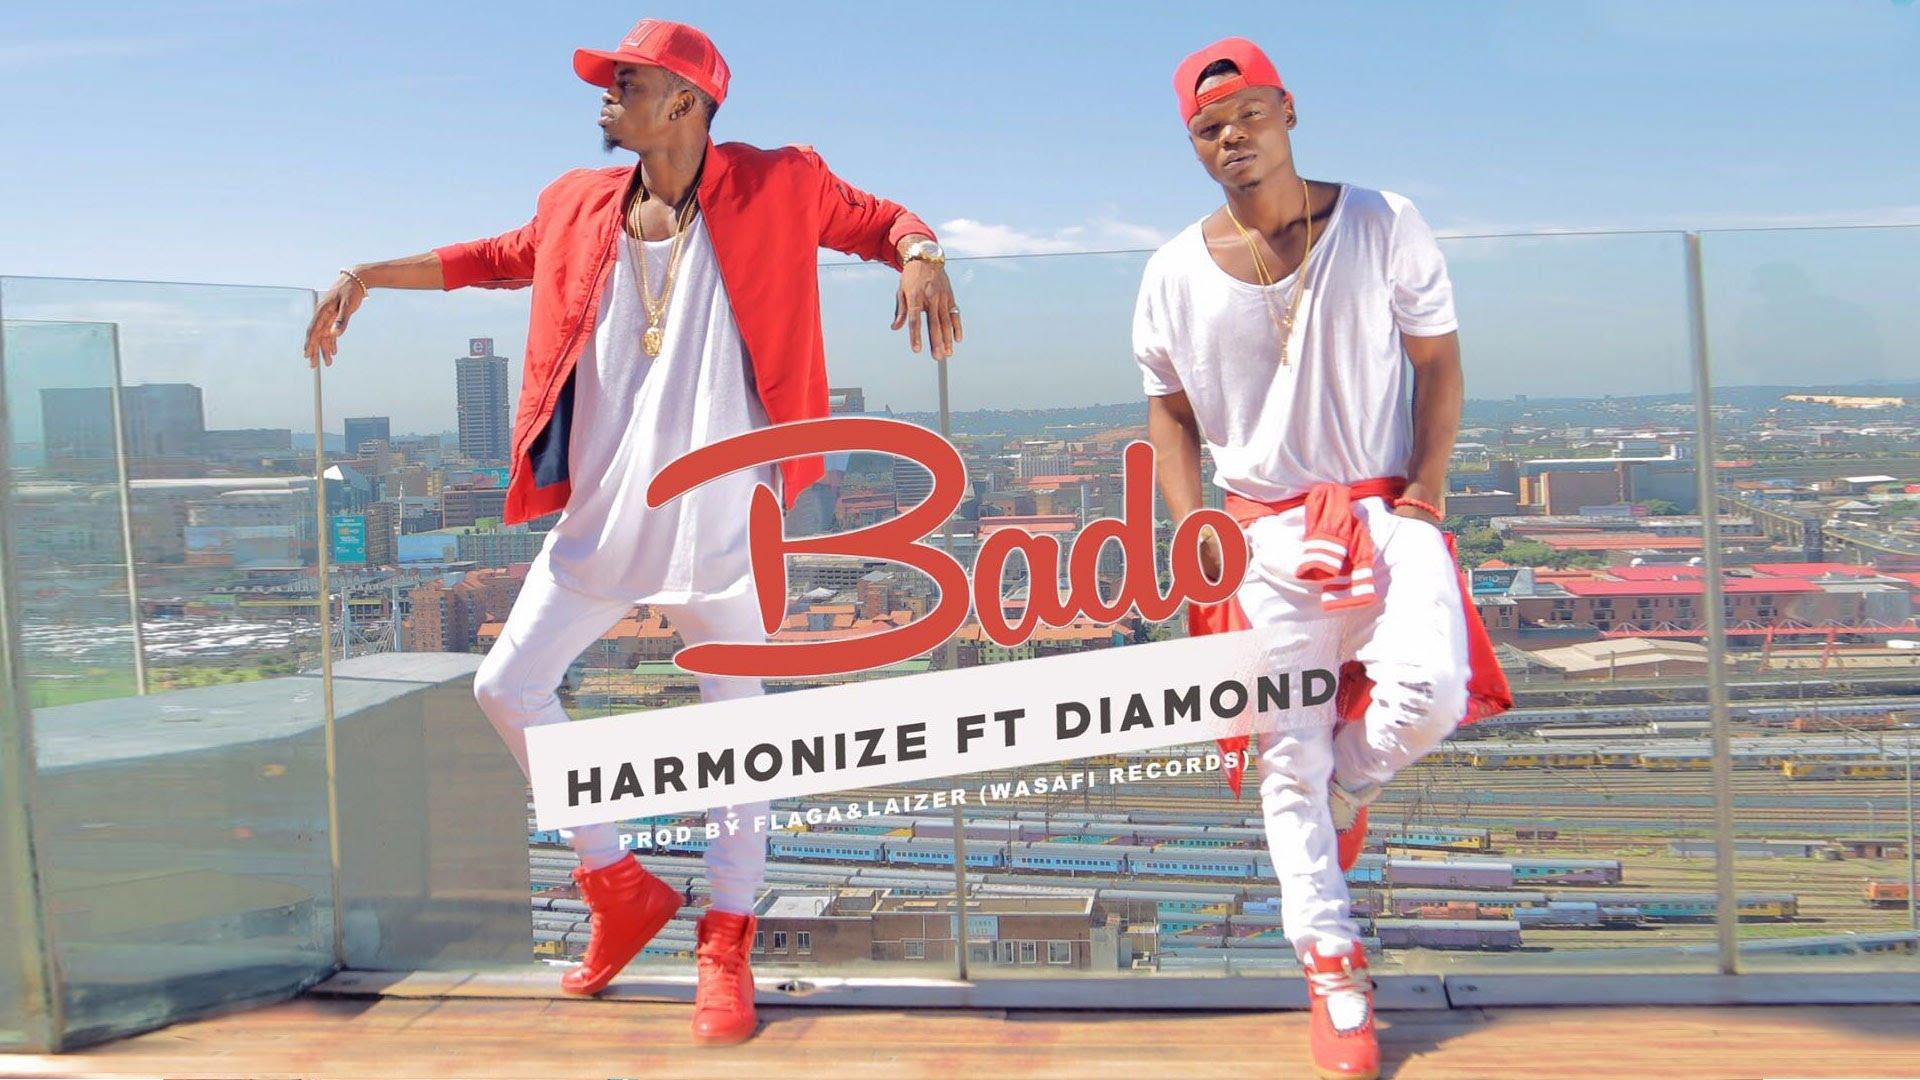 Harmonize Diamond Bado Art